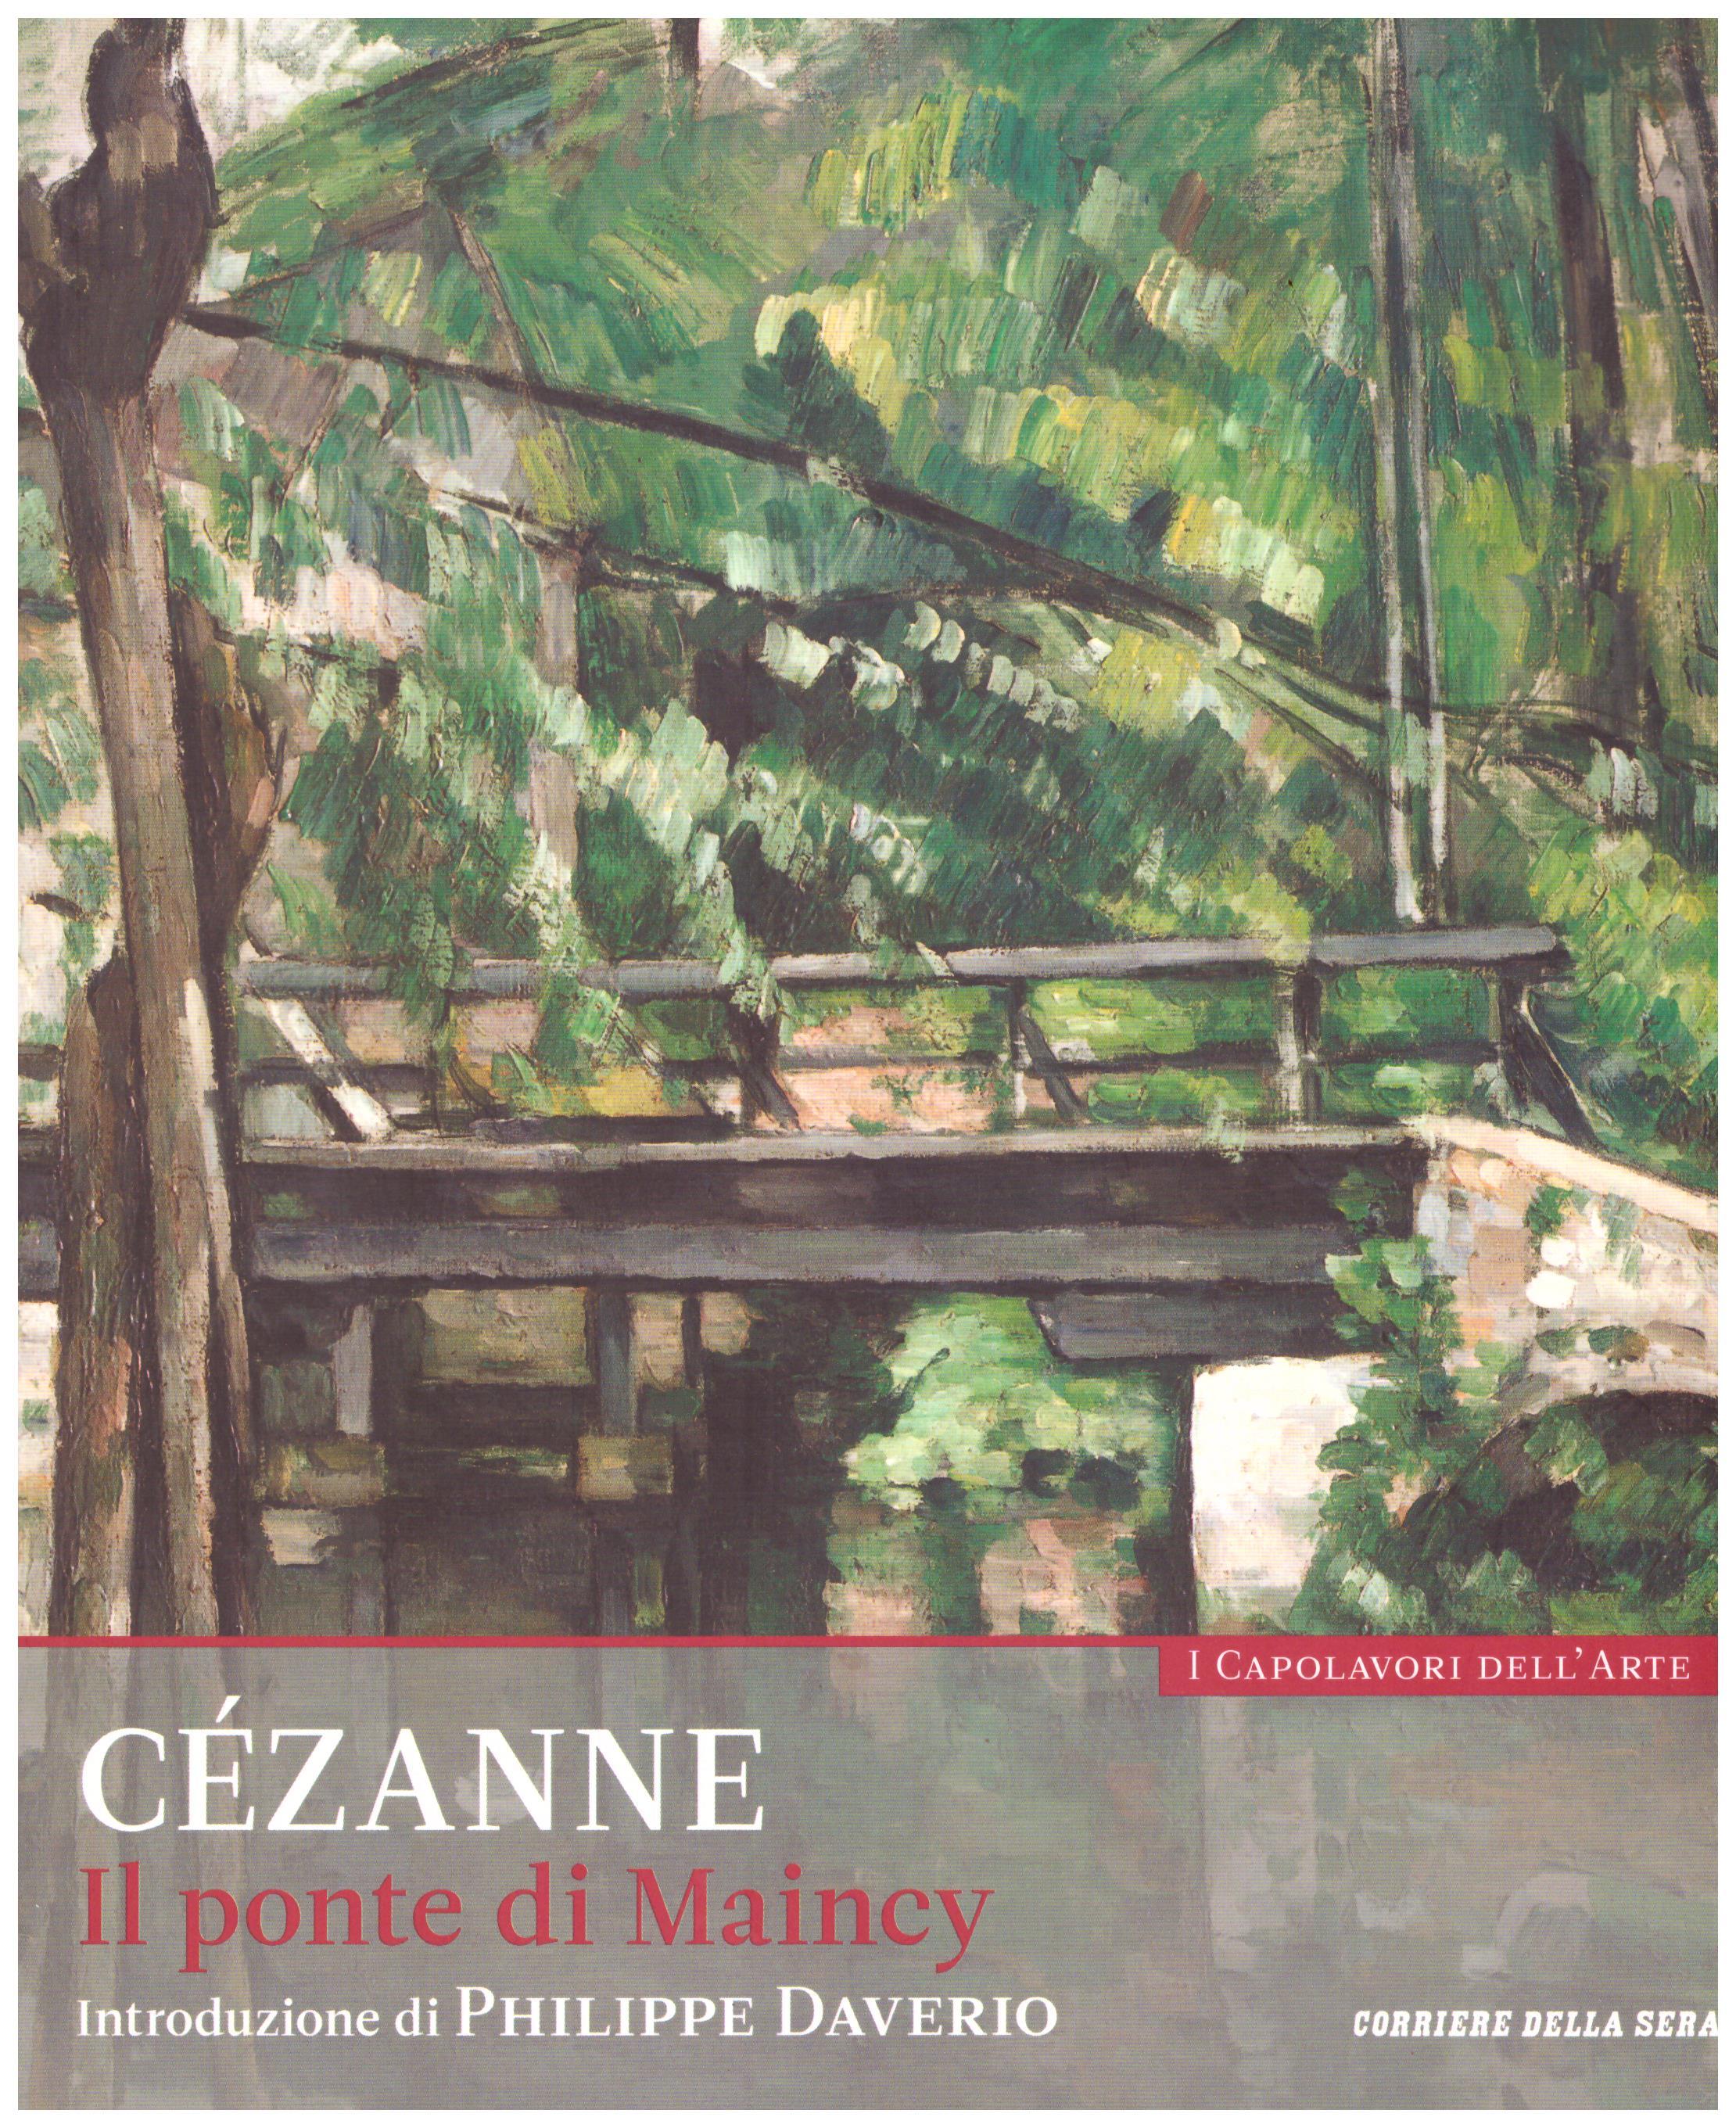 Titolo: I capolavori dell'arte, Cezanne n.27  Autore : AA.VV.   Editore: education,it/corriere della sera, 2015